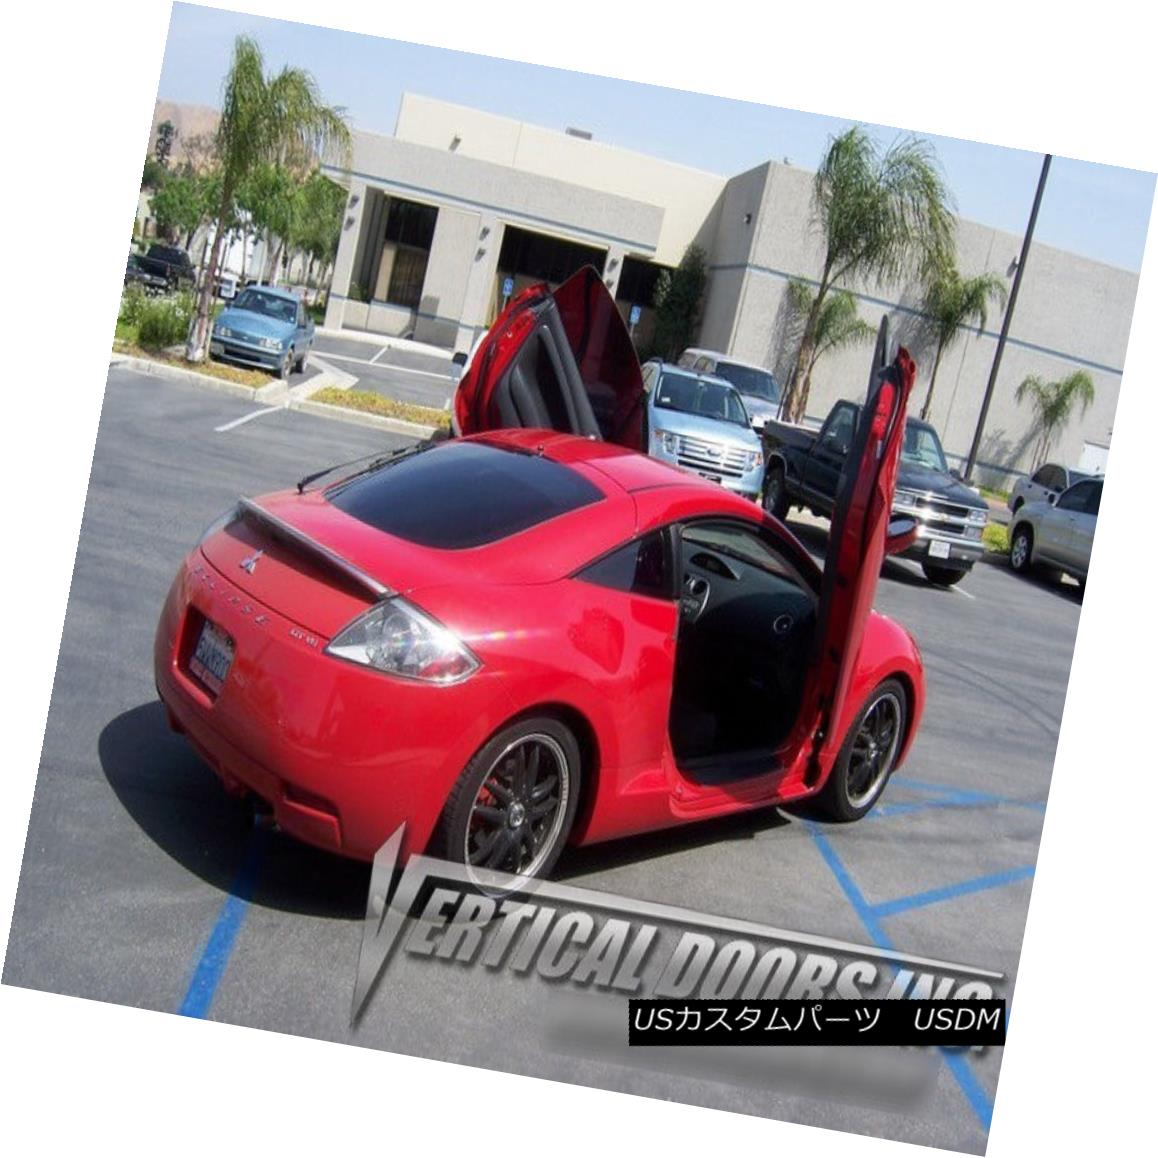 ガルウィングキット Mitsubishi Eclipse 06-up Lambo Door Kit Vertical Doors 三菱Eclipse 06-Up Lamboドアキット垂直ドア